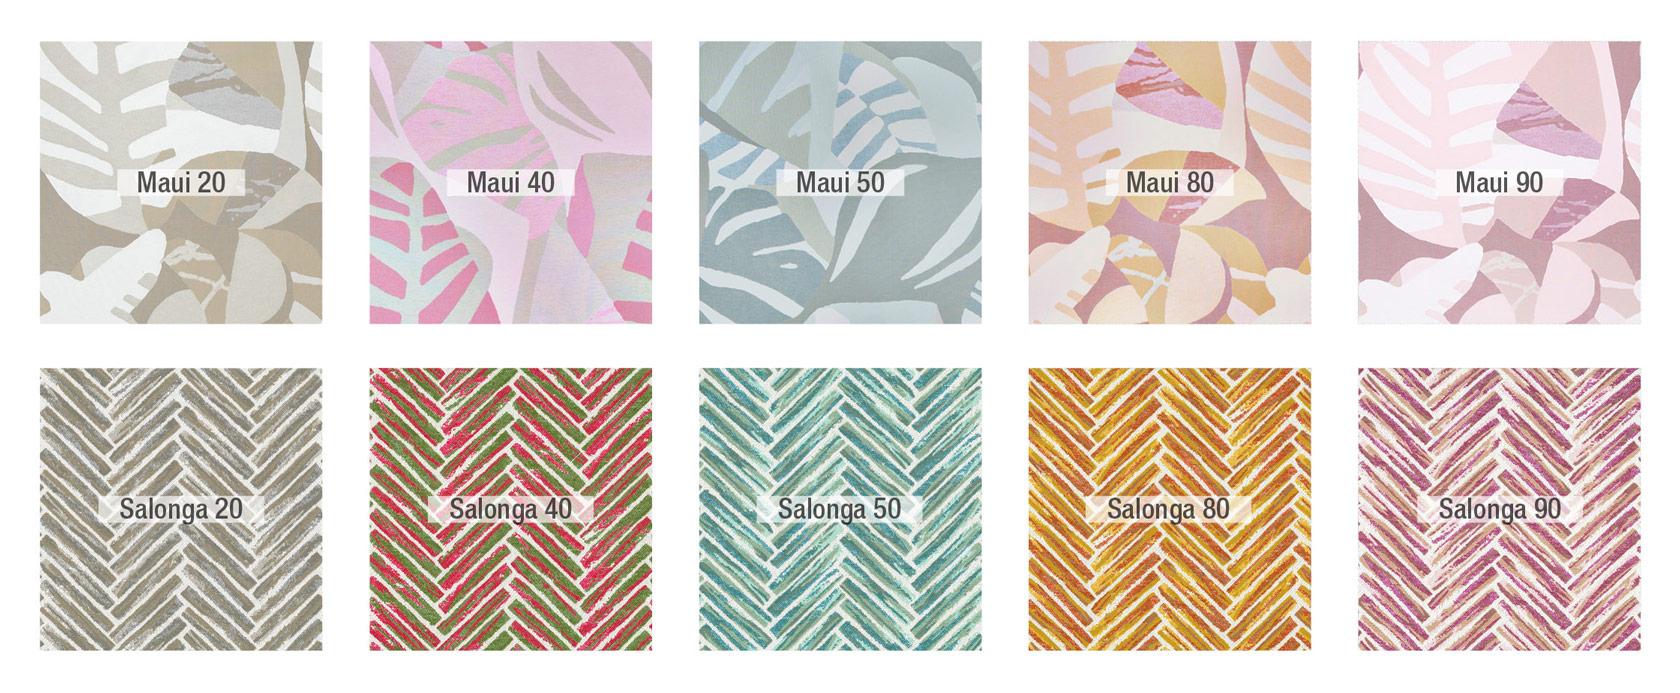 Maui-salonga colores tela fama 01